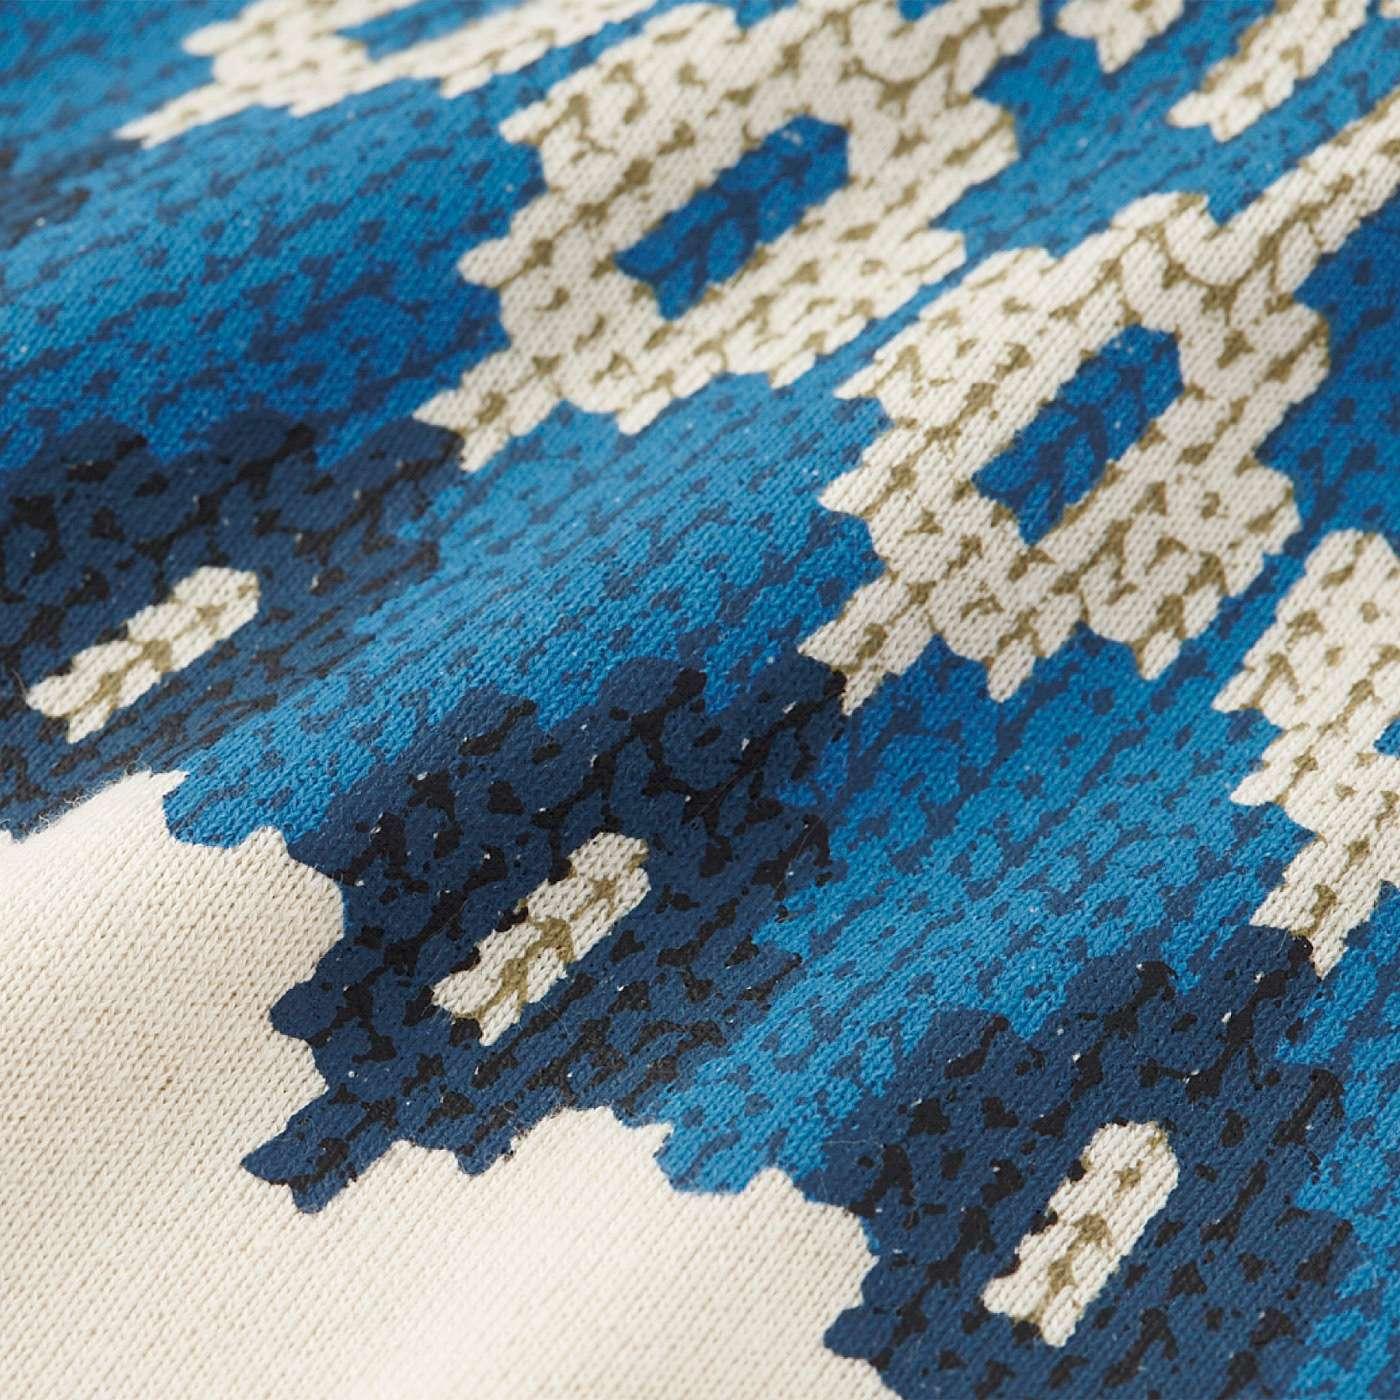 繊細な編み柄は、なんとプリント。本物のニットみたいだけど、お手入れらくちん。